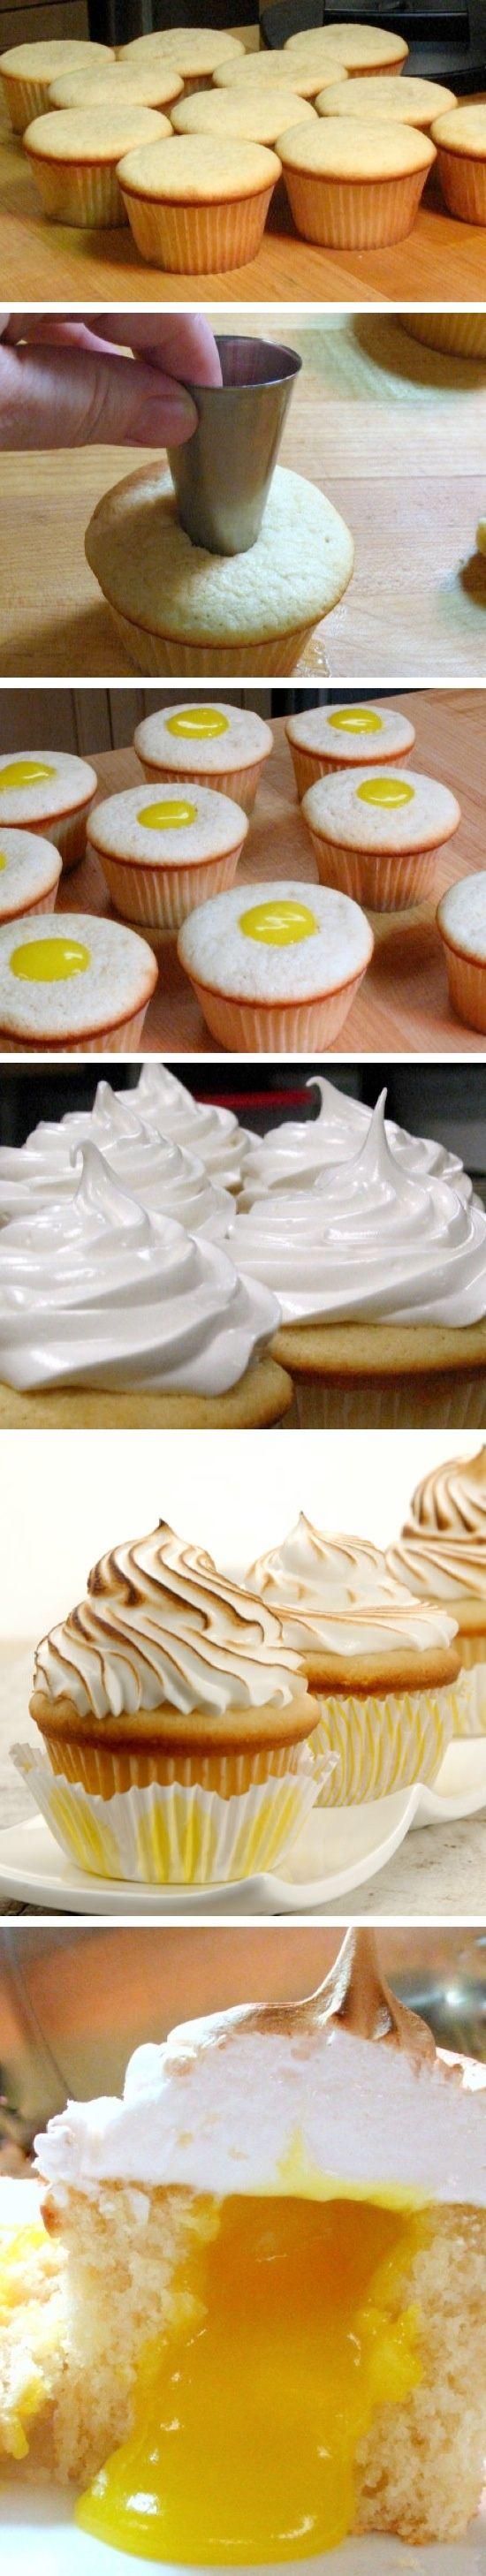 Muy facil y entretenido de preparar. y con diversos rellenos..atrévanse a crear..♥Kro♥♥ Lemon Meringue Cupcakes